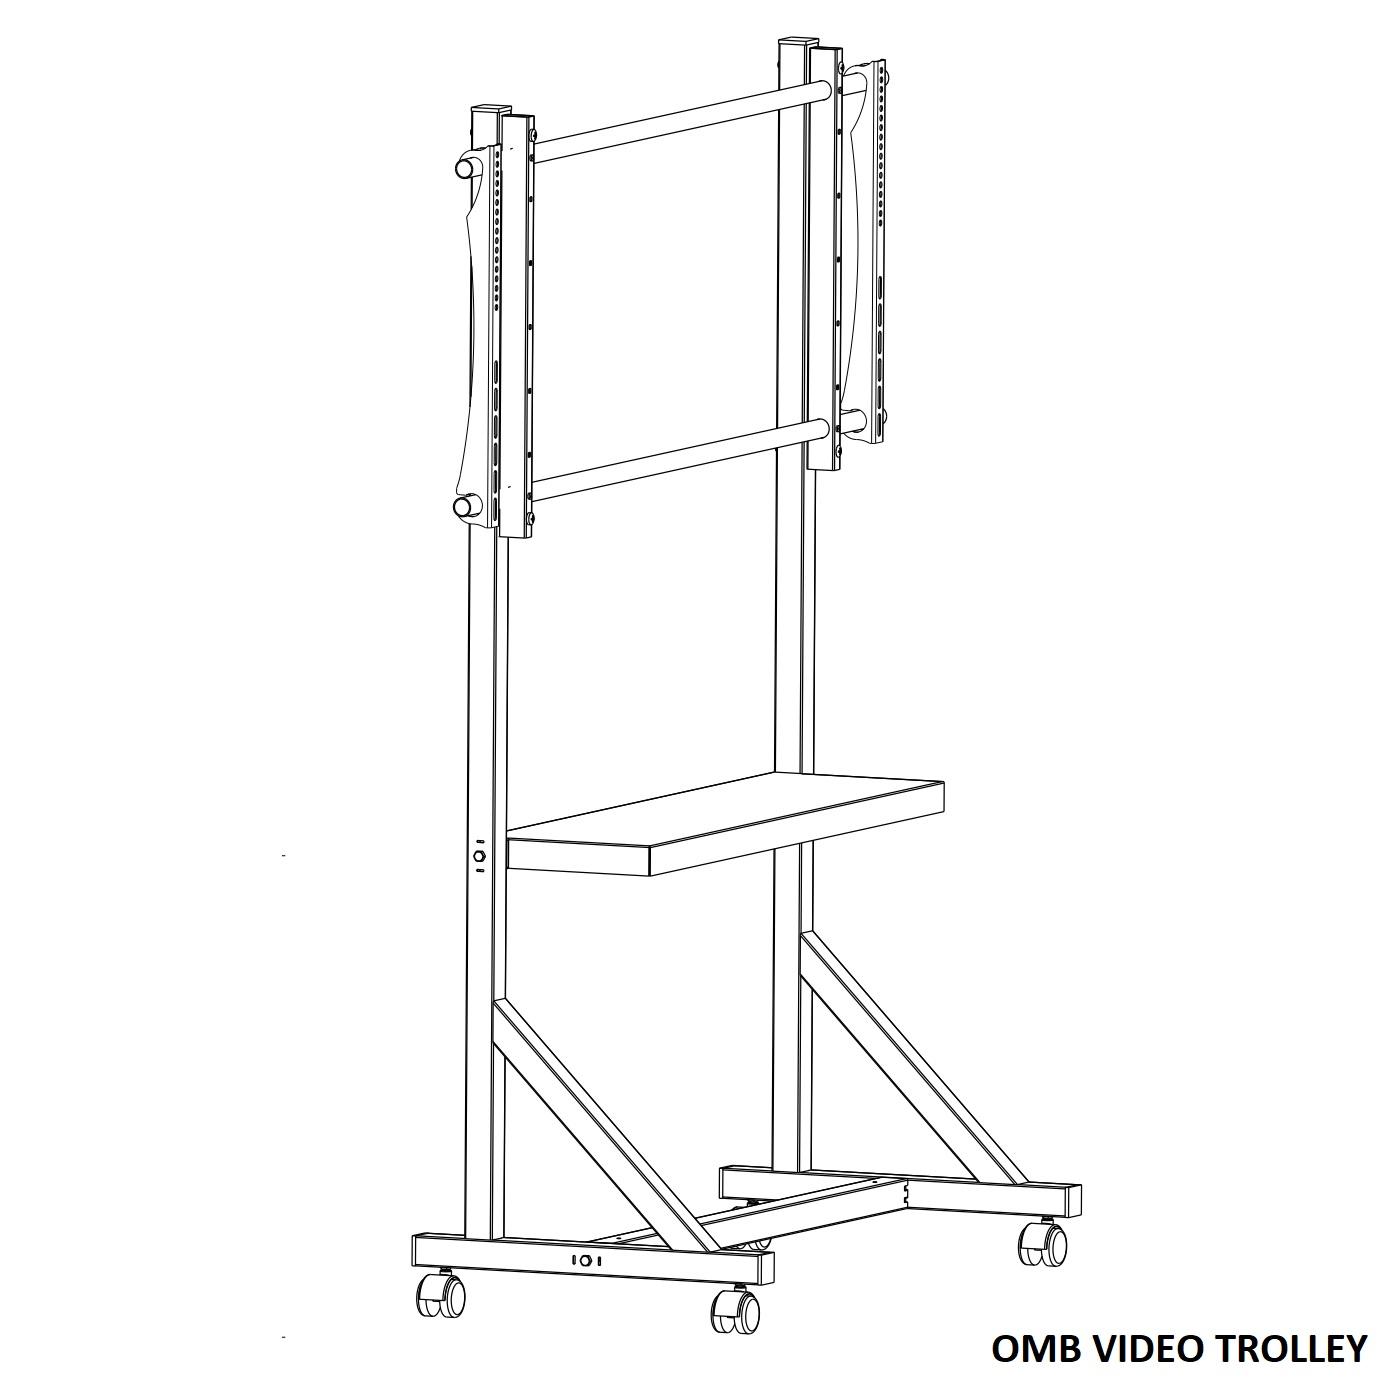 Profesionální mobilní vozík - stojan na televize, monitory a dotykové displeje - VESA standard, nastavení výšky max. 194cm, polička, pojezd s brzdou. Stabilita, bezpečnost, profesionální pevná a odolná konstrukce. OMB Video Troley / drzakyastolky.cz